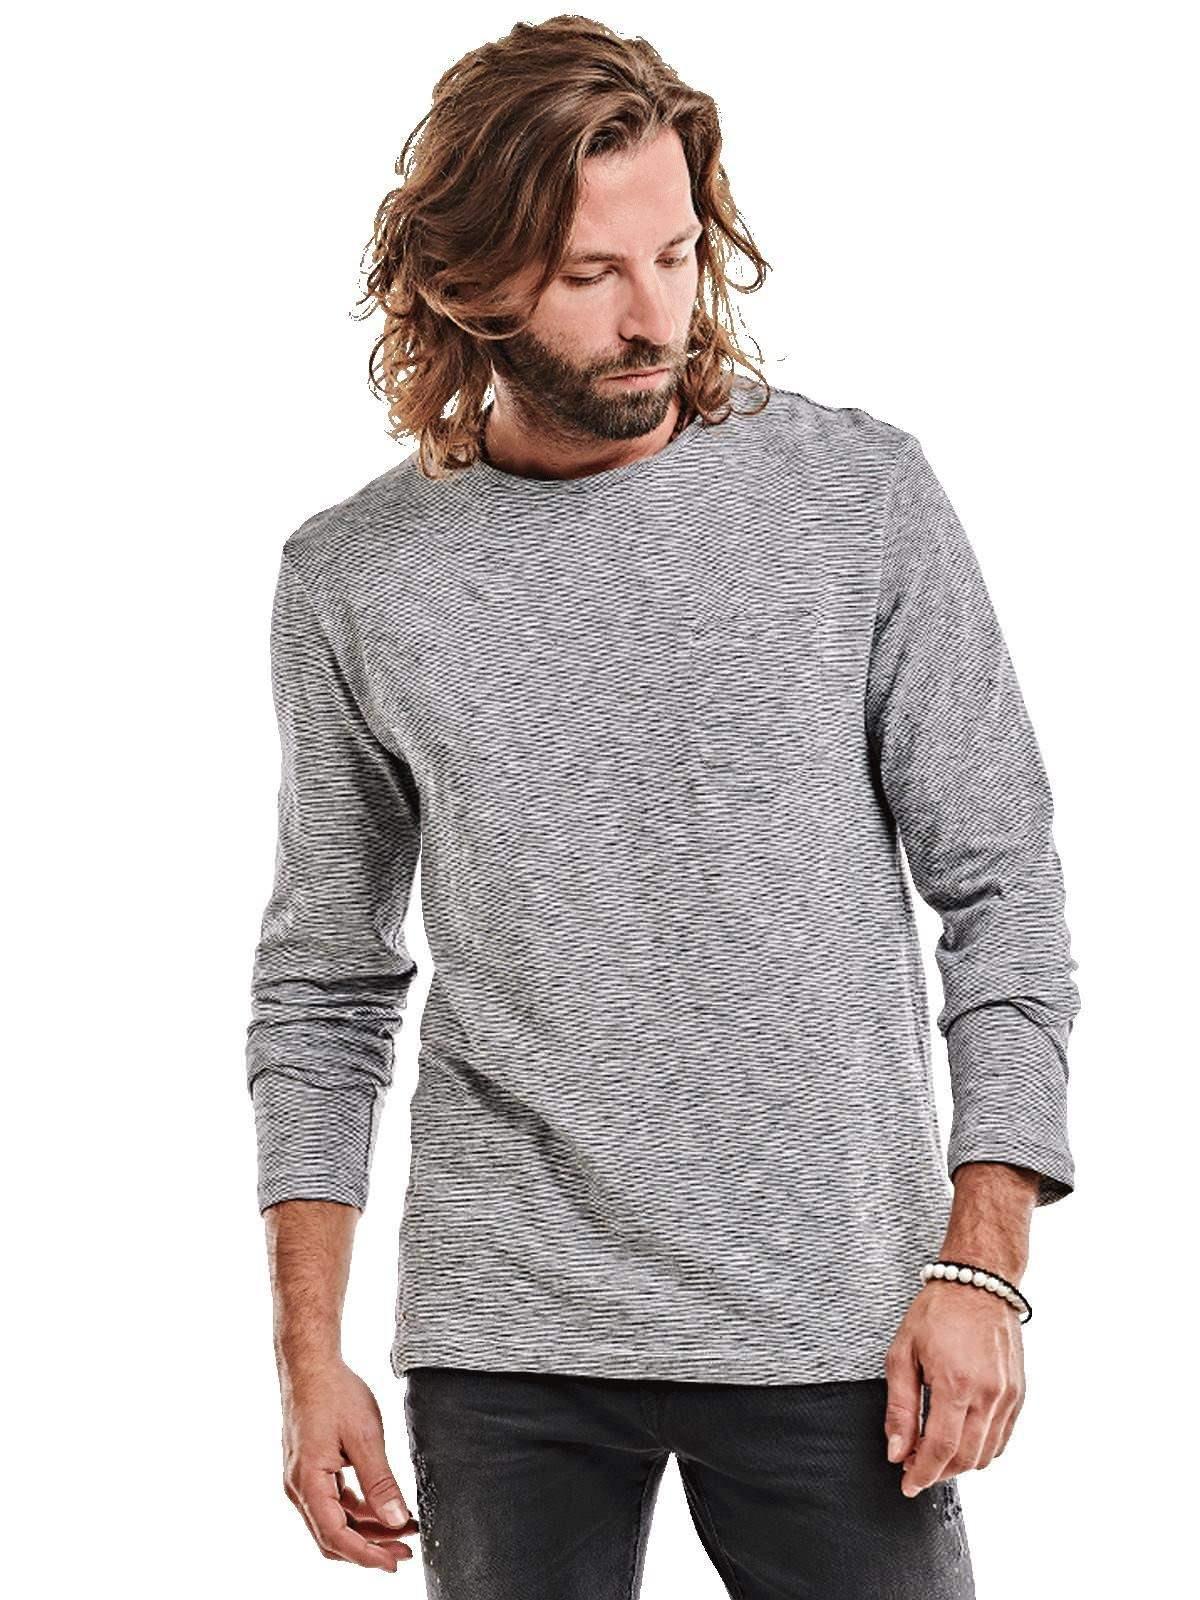 emilio adani -  Jersey Rundhals Shirt